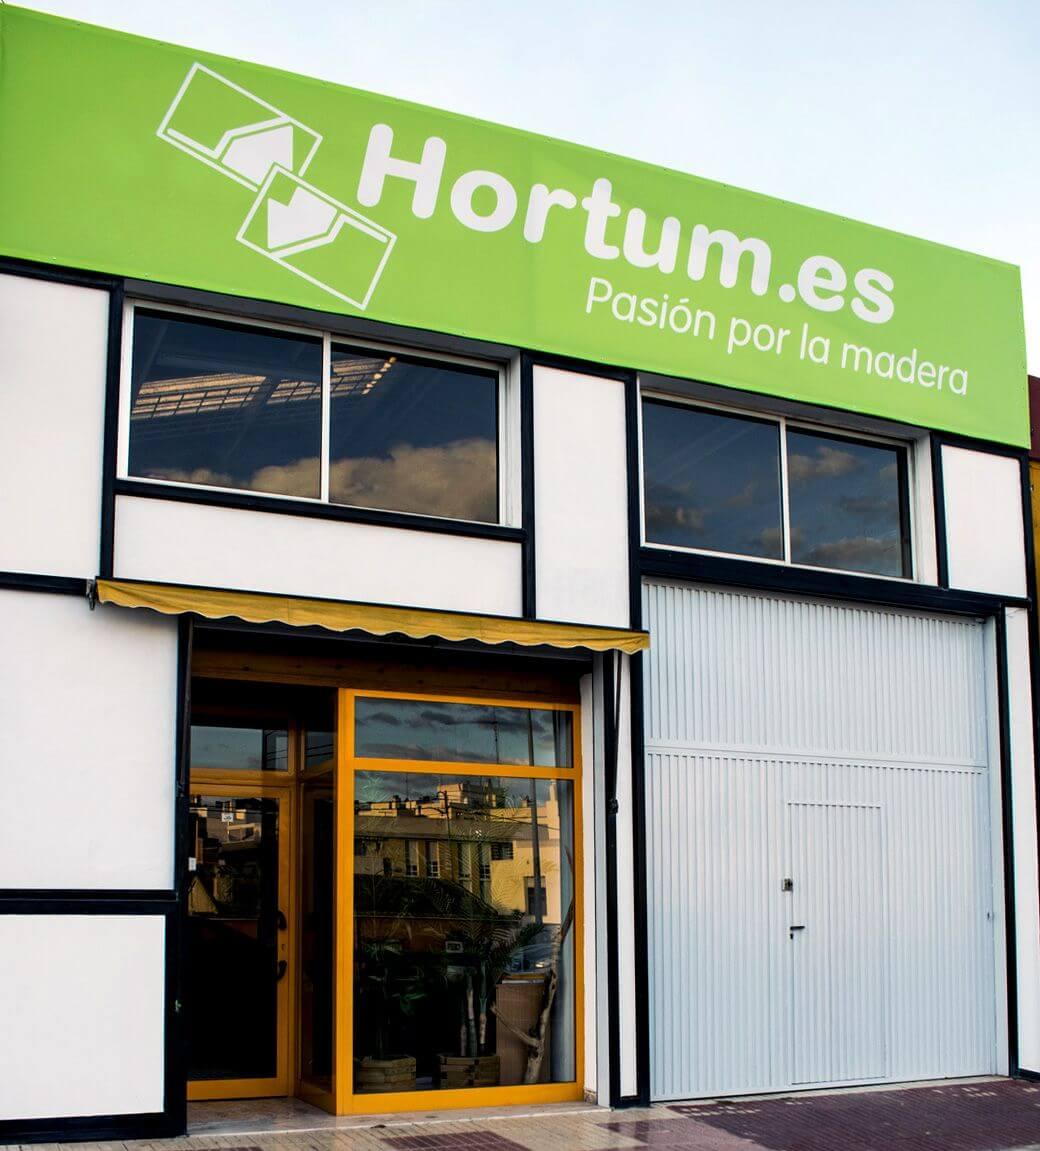 Posizione di Hortum.es